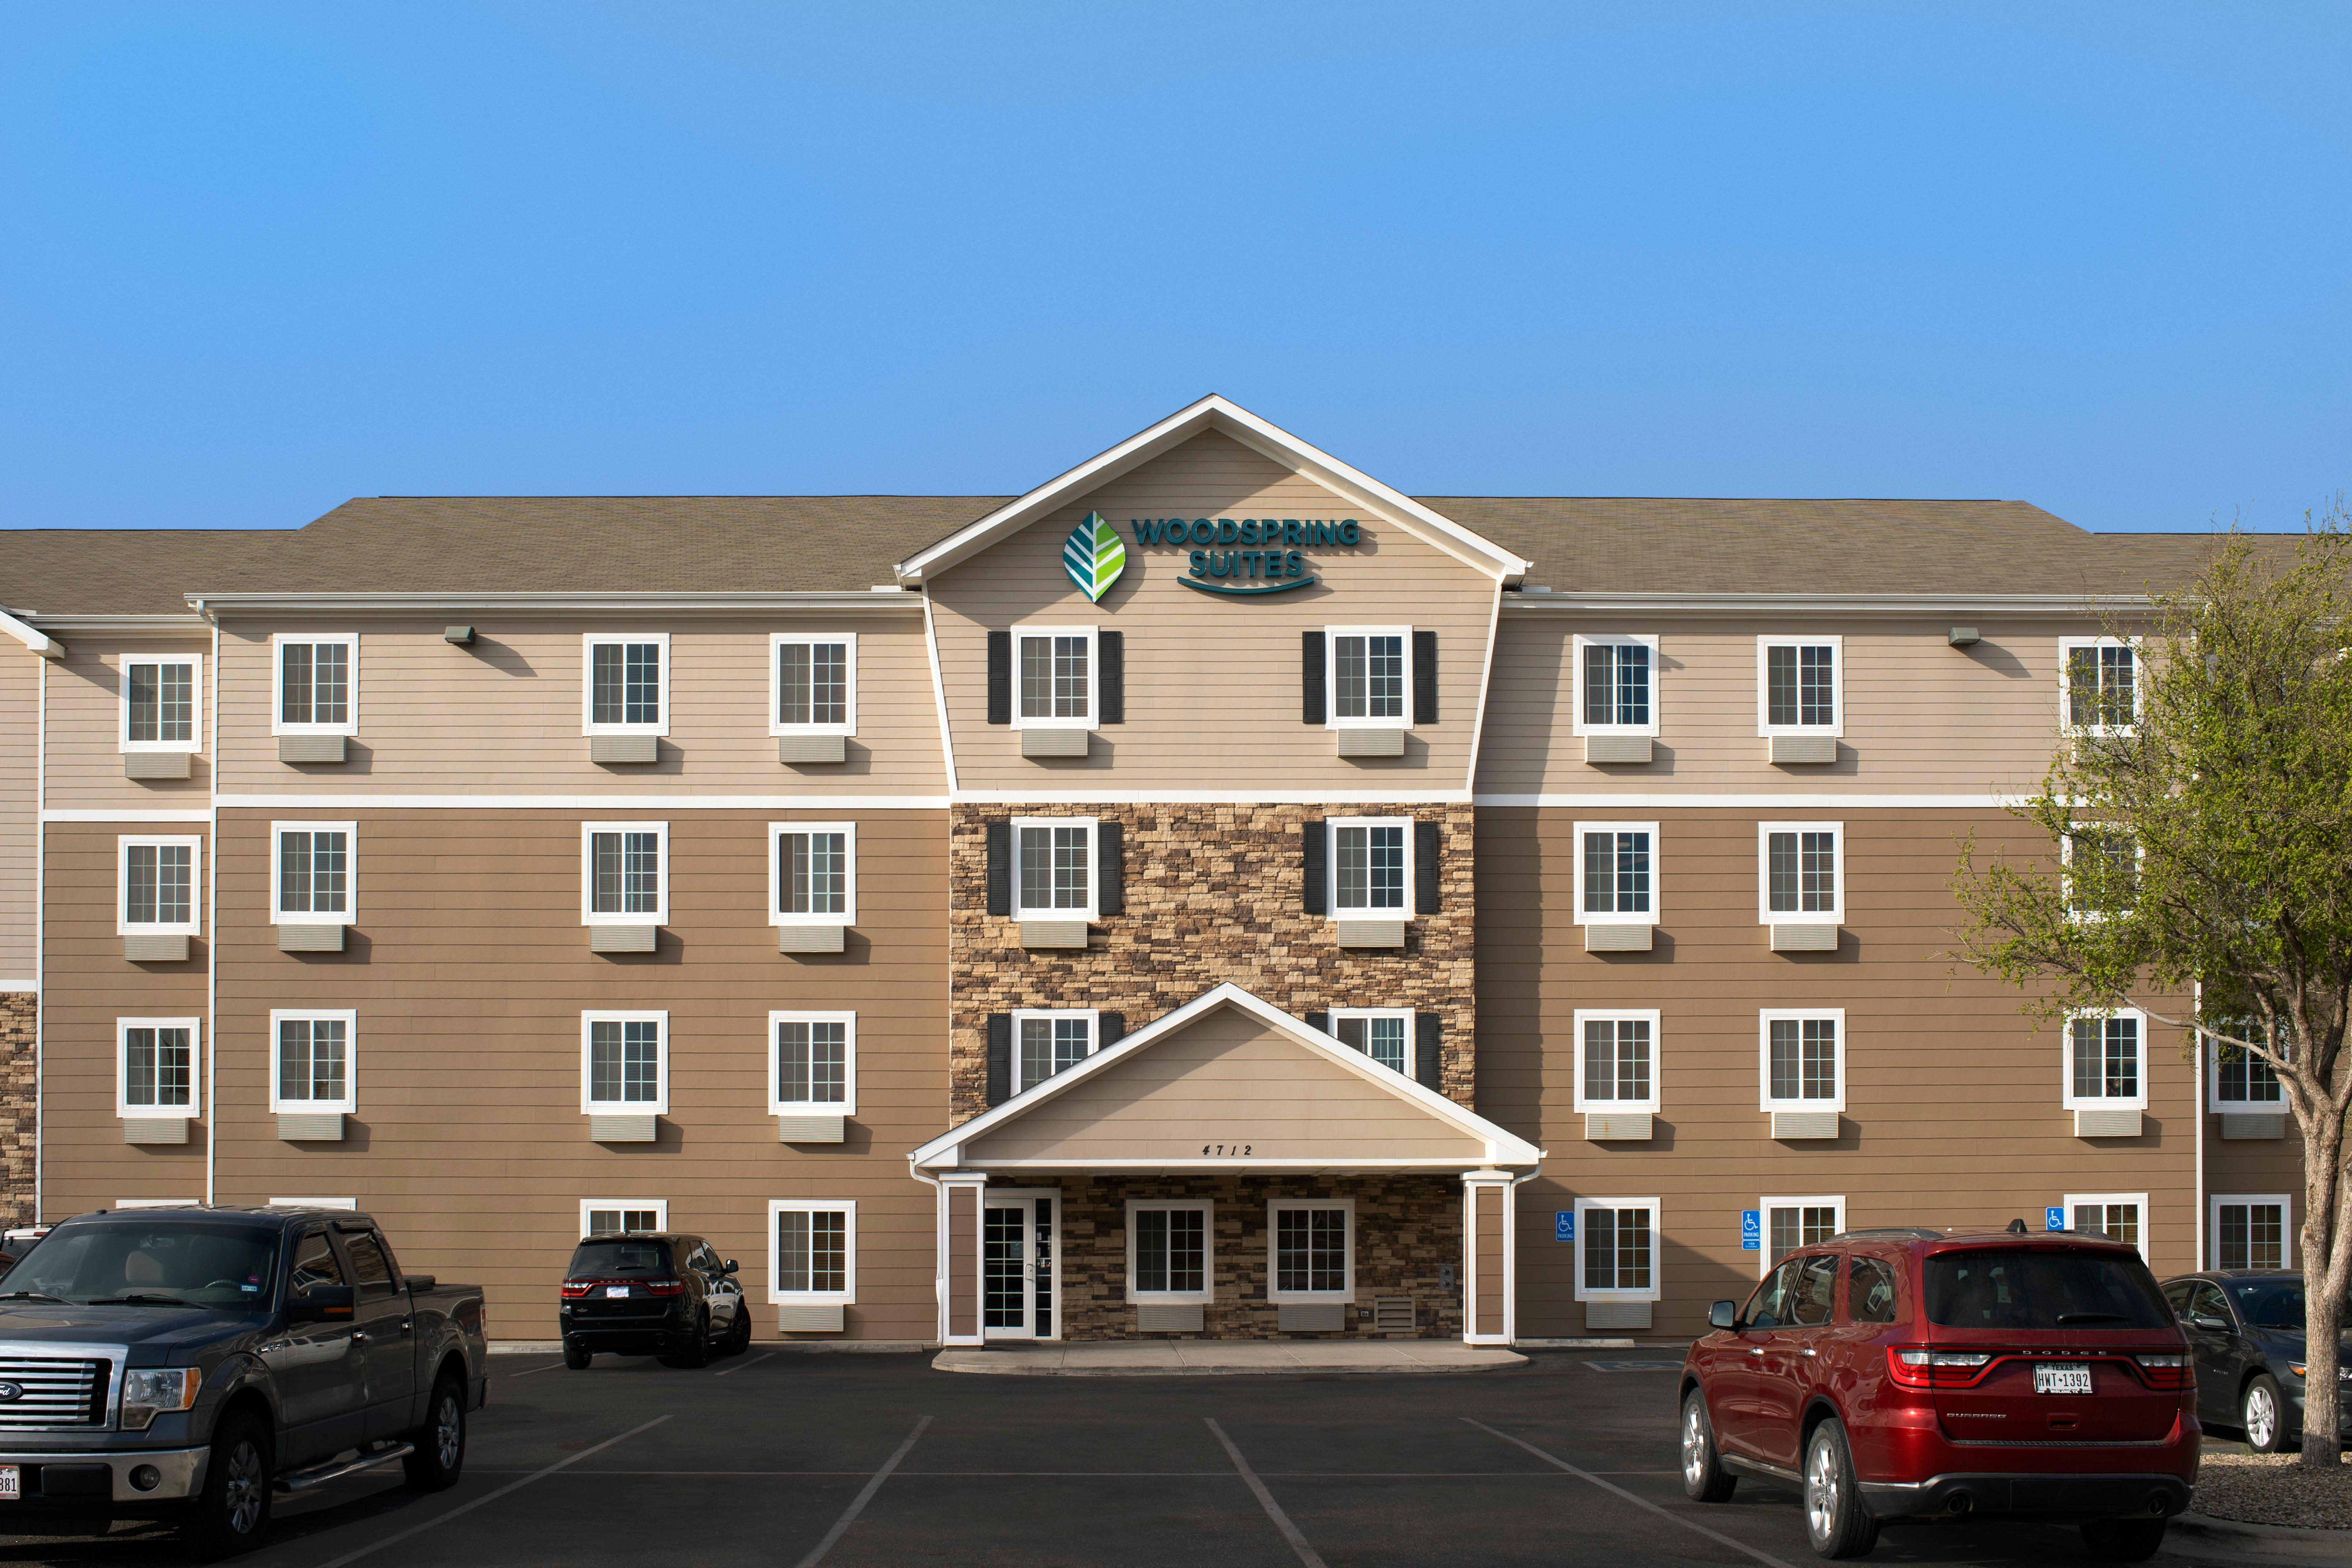 WoodSpring Suites Midland image 1